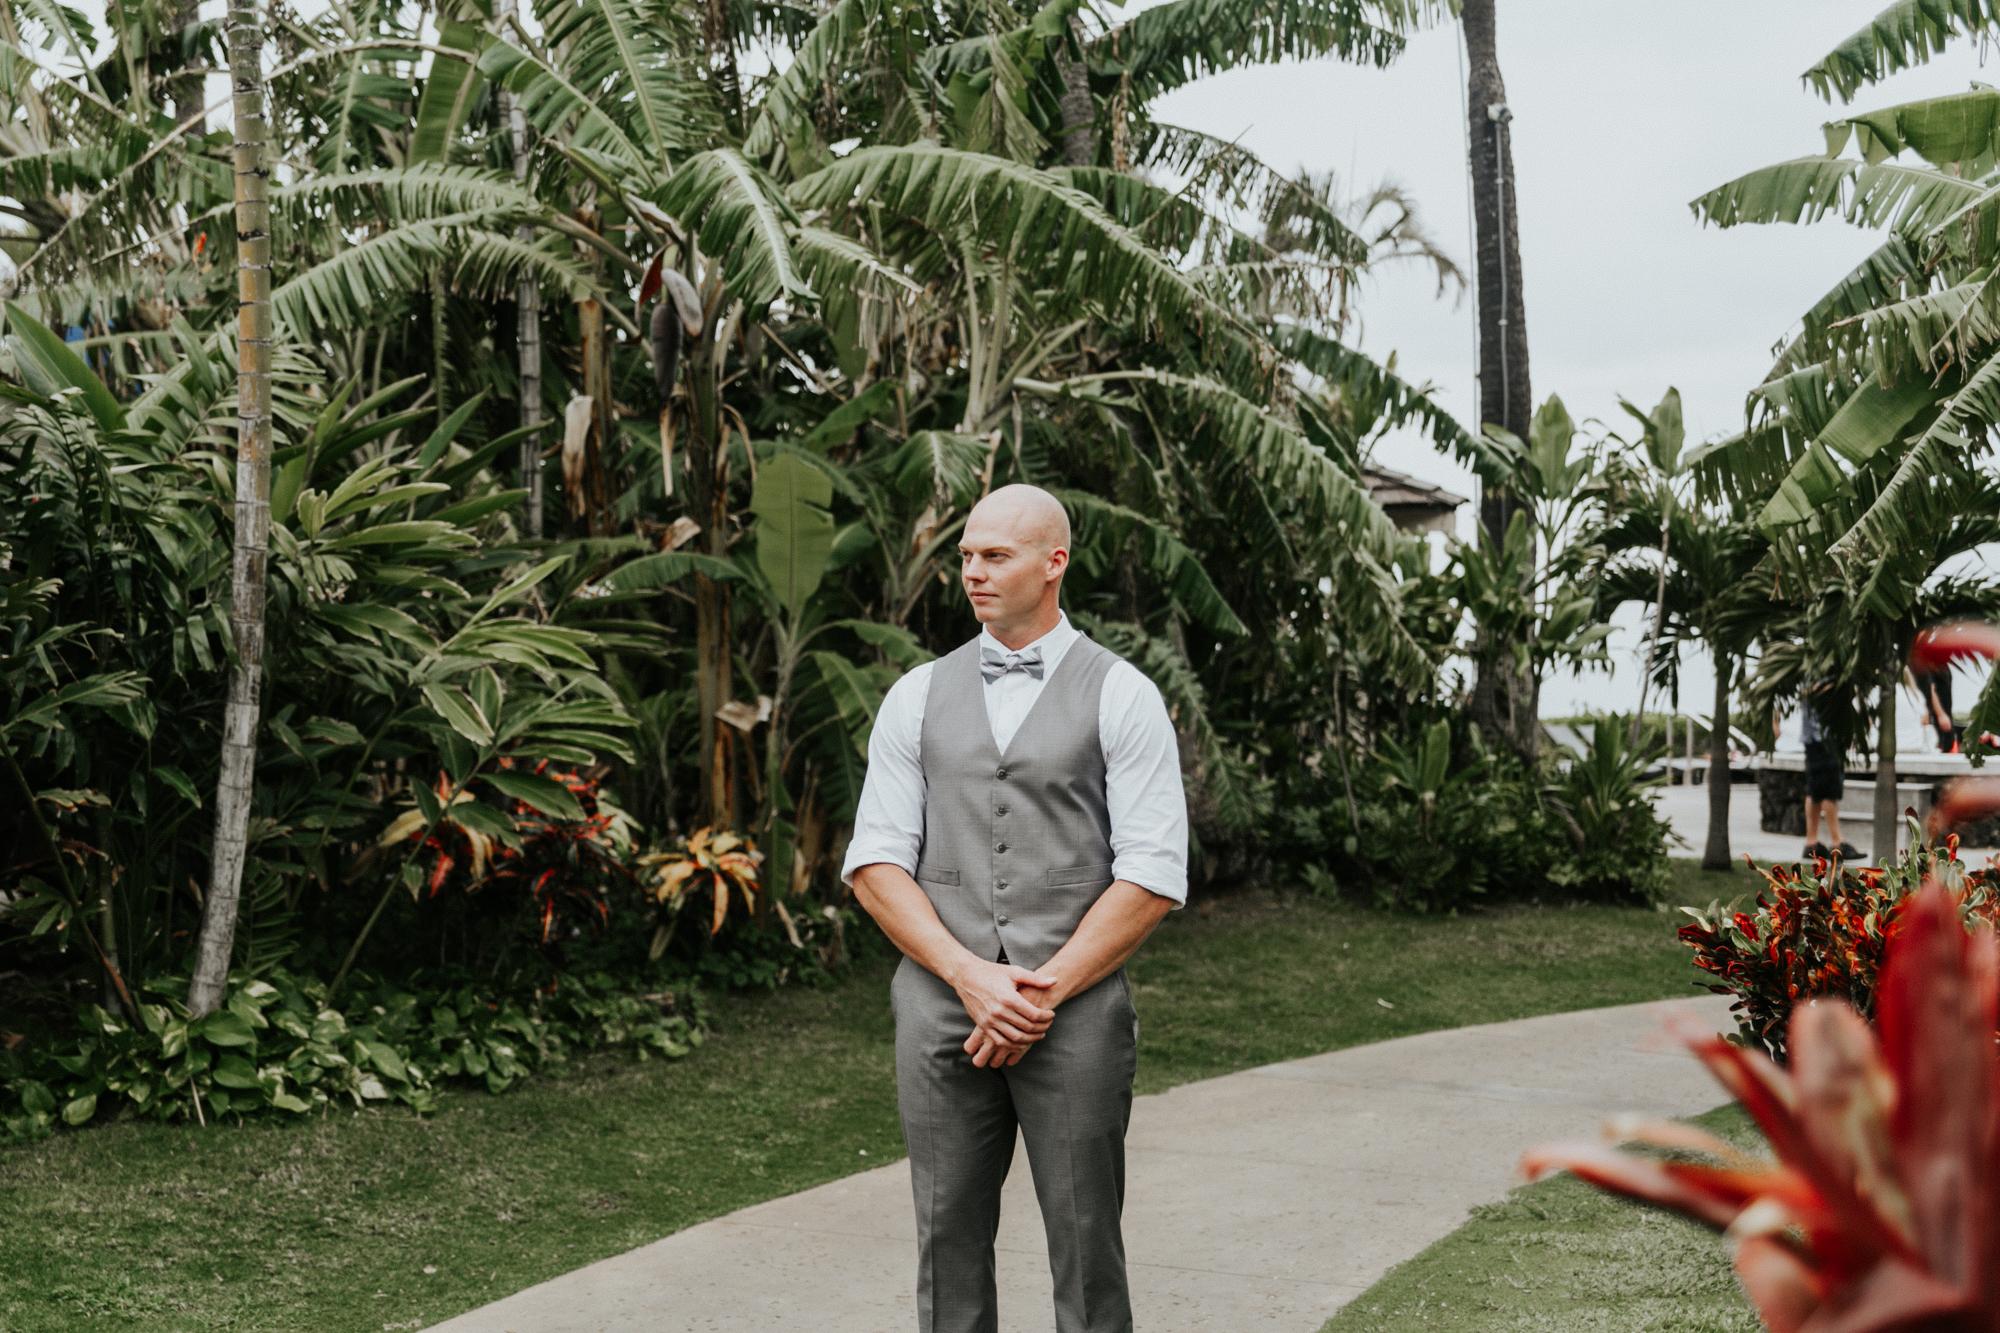 destination-wedding-photographer-hawaii-maui-elopement-31.jpg